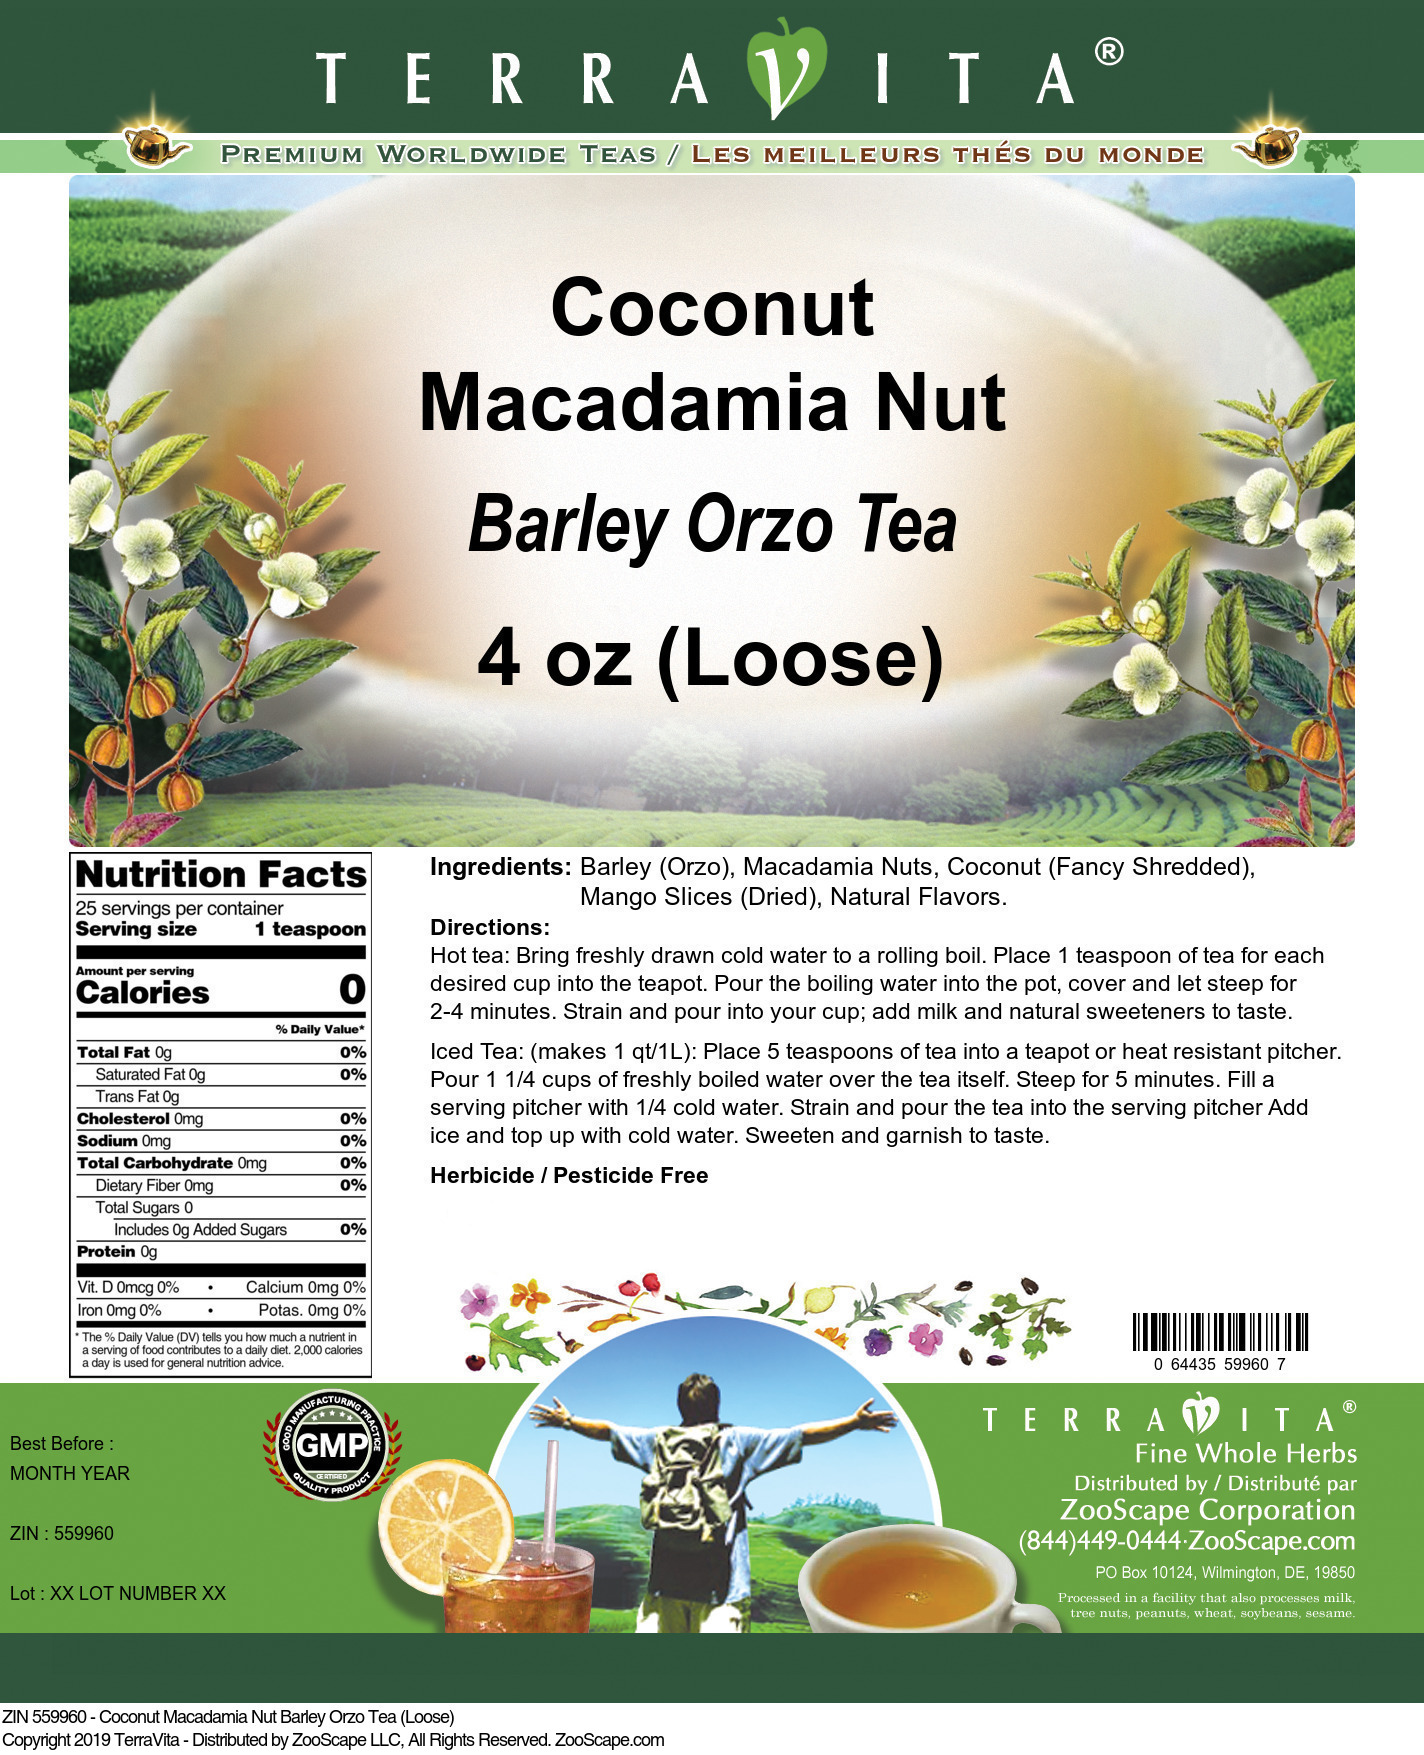 Coconut Macadamia Nut Barley Orzo Tea (Loose)